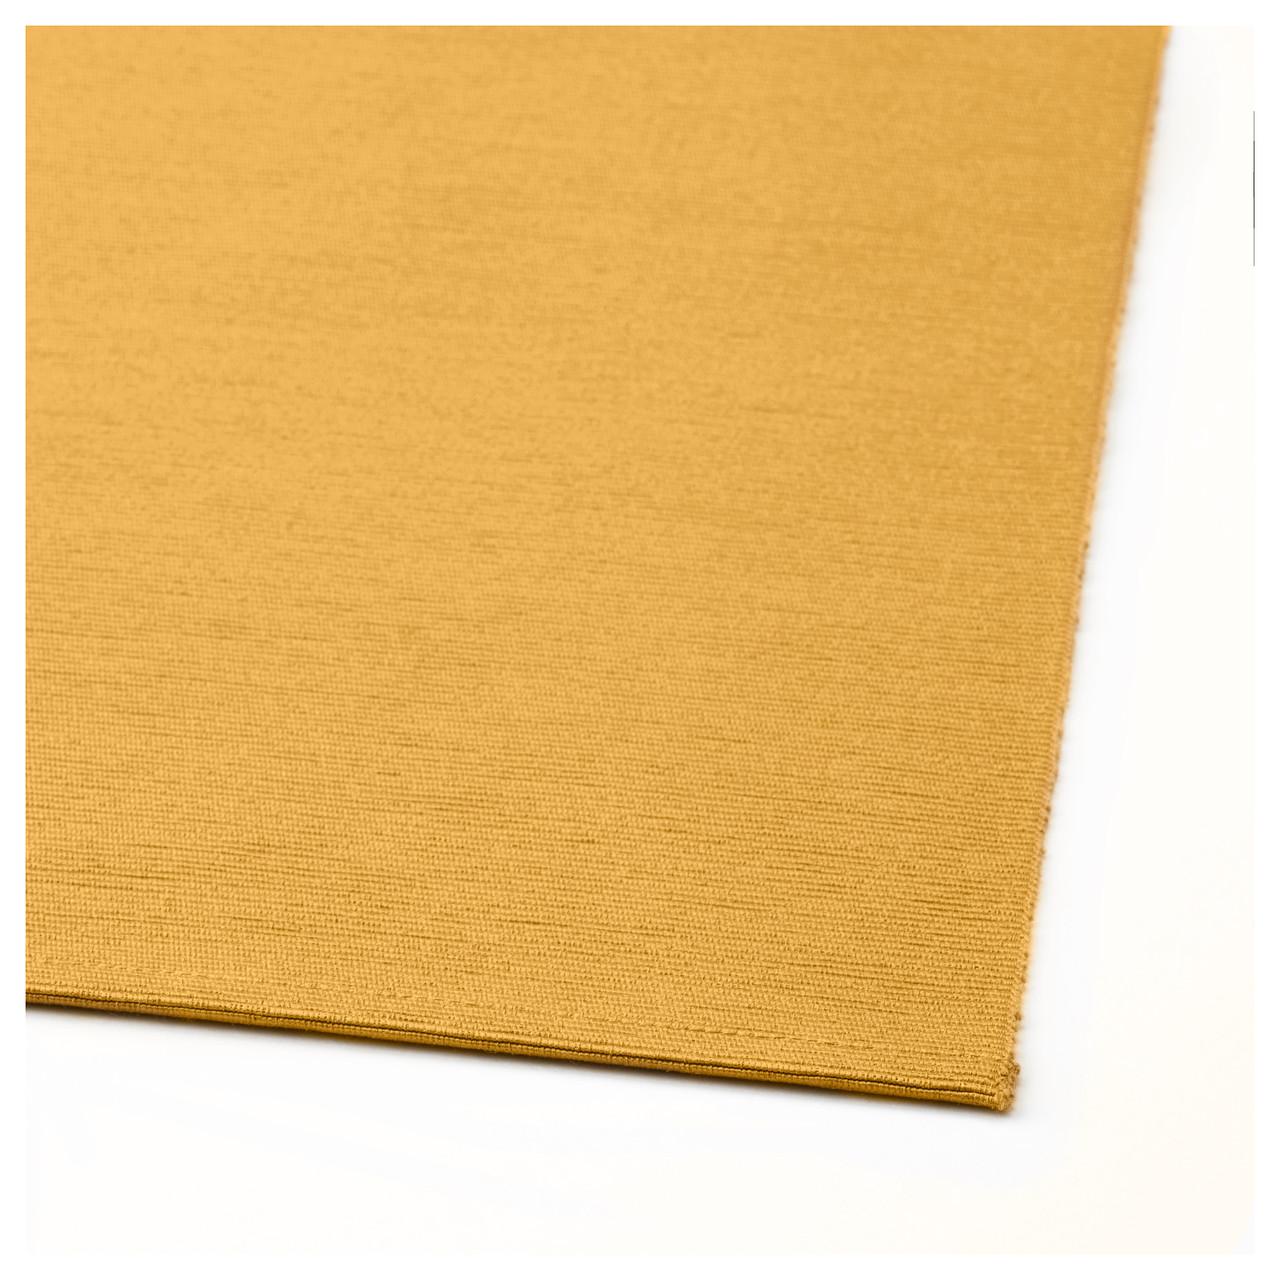 МЭРИТ Салфетка настольная, темно- желтая, 35x130 см, 20362892 IKEA, ИК